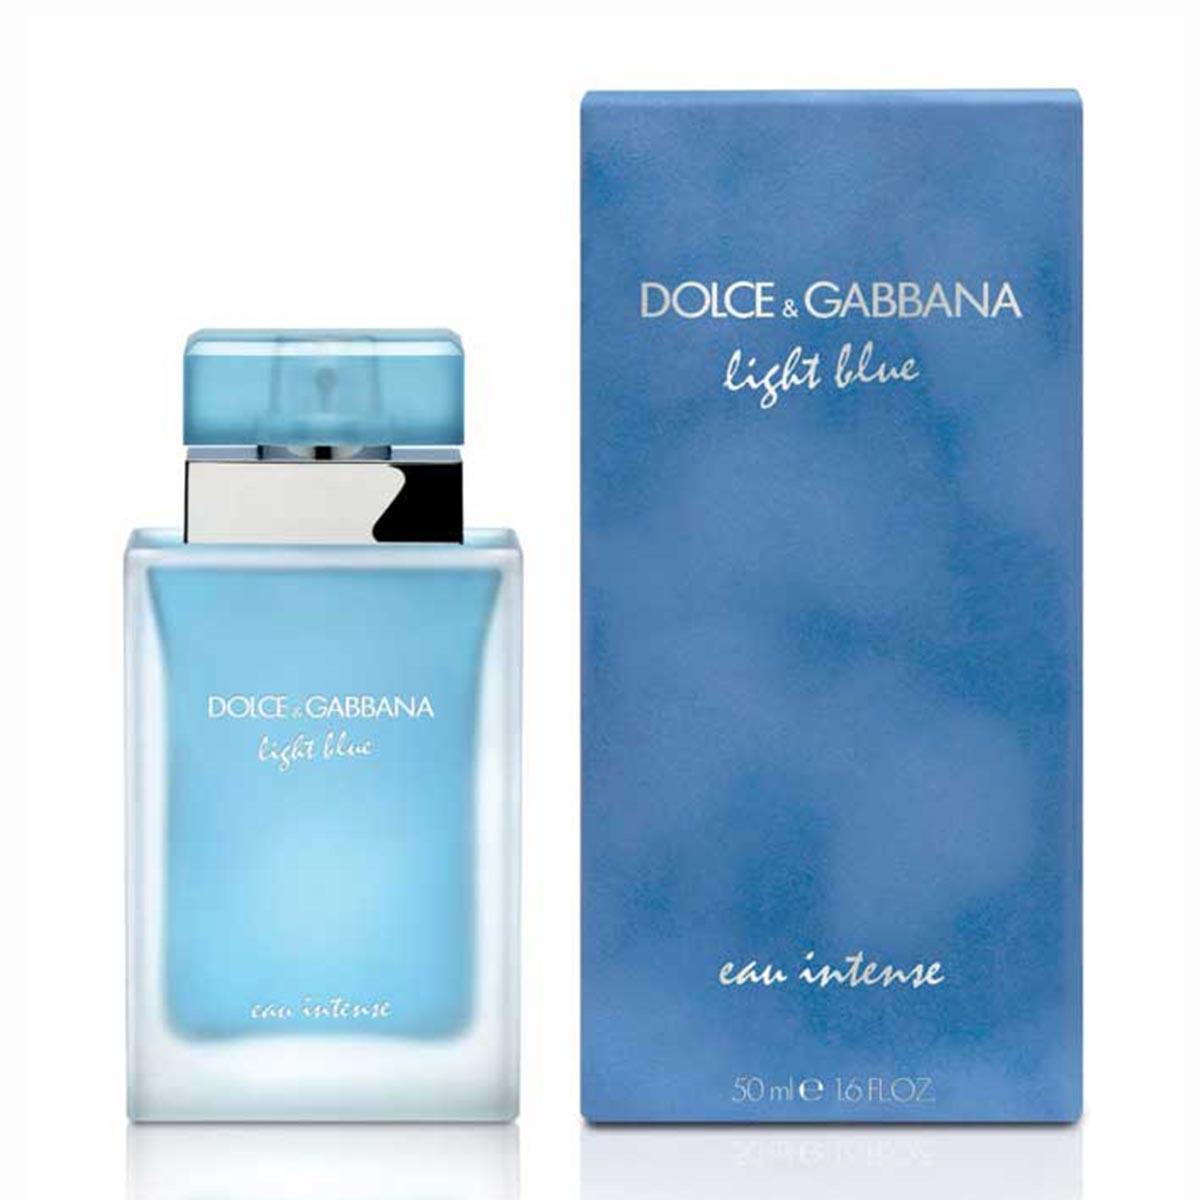 Dolce gabbana light blue eau intense eau de parfum 50ml vaporizador